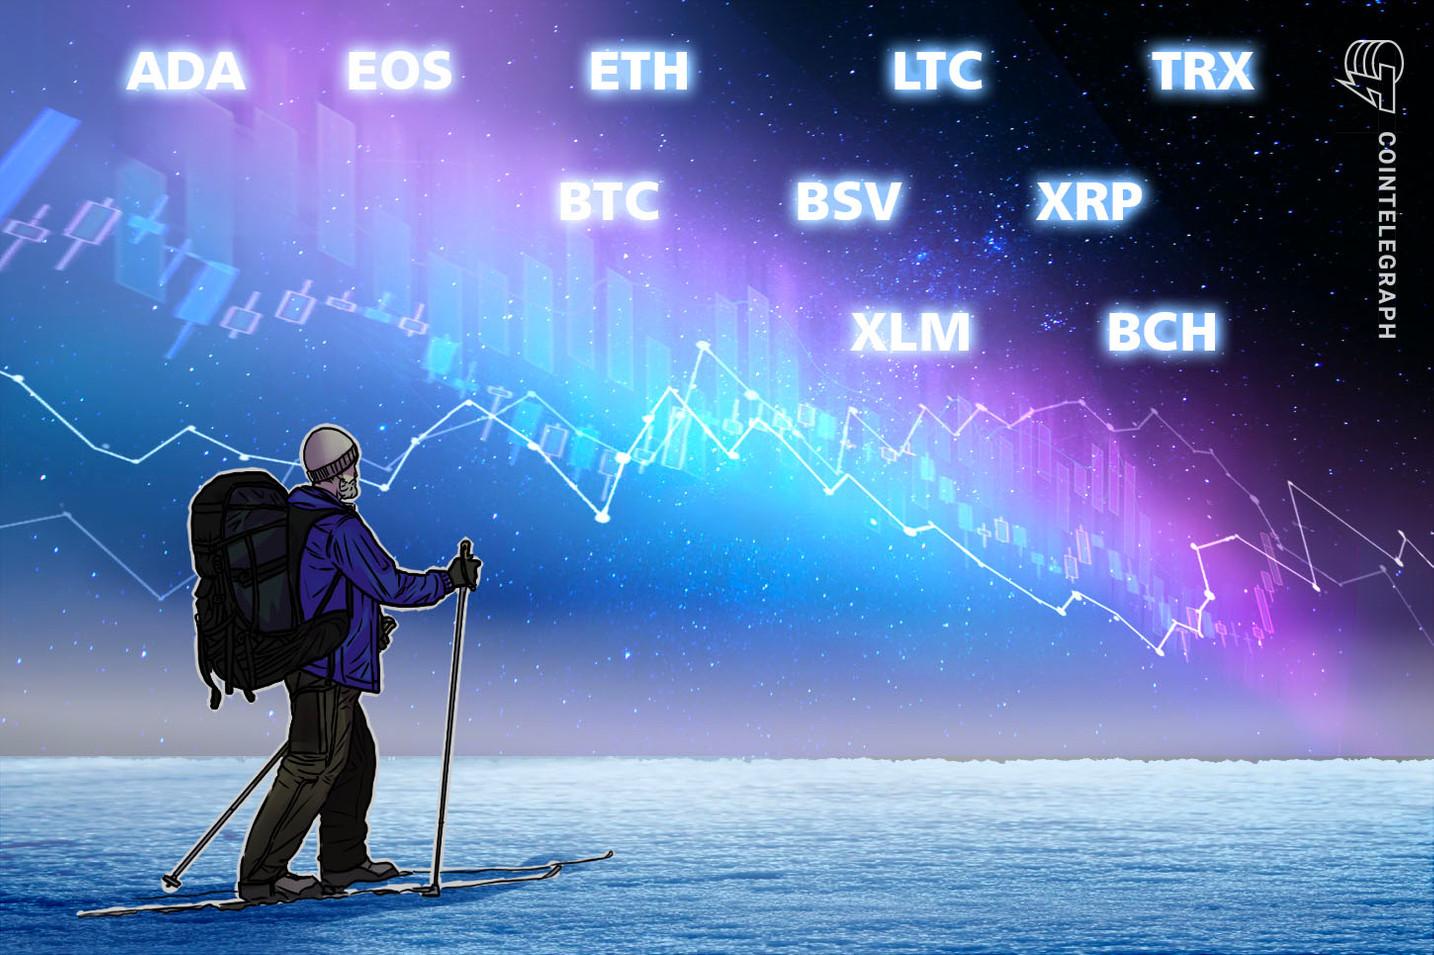 Kursanalyse, 4. Januar: Bitcoin, Ethereum, Ripple, Bitcoin Cash, EOS, Stellar, Litecoin, Bitcoin SV, TRON, Cardano